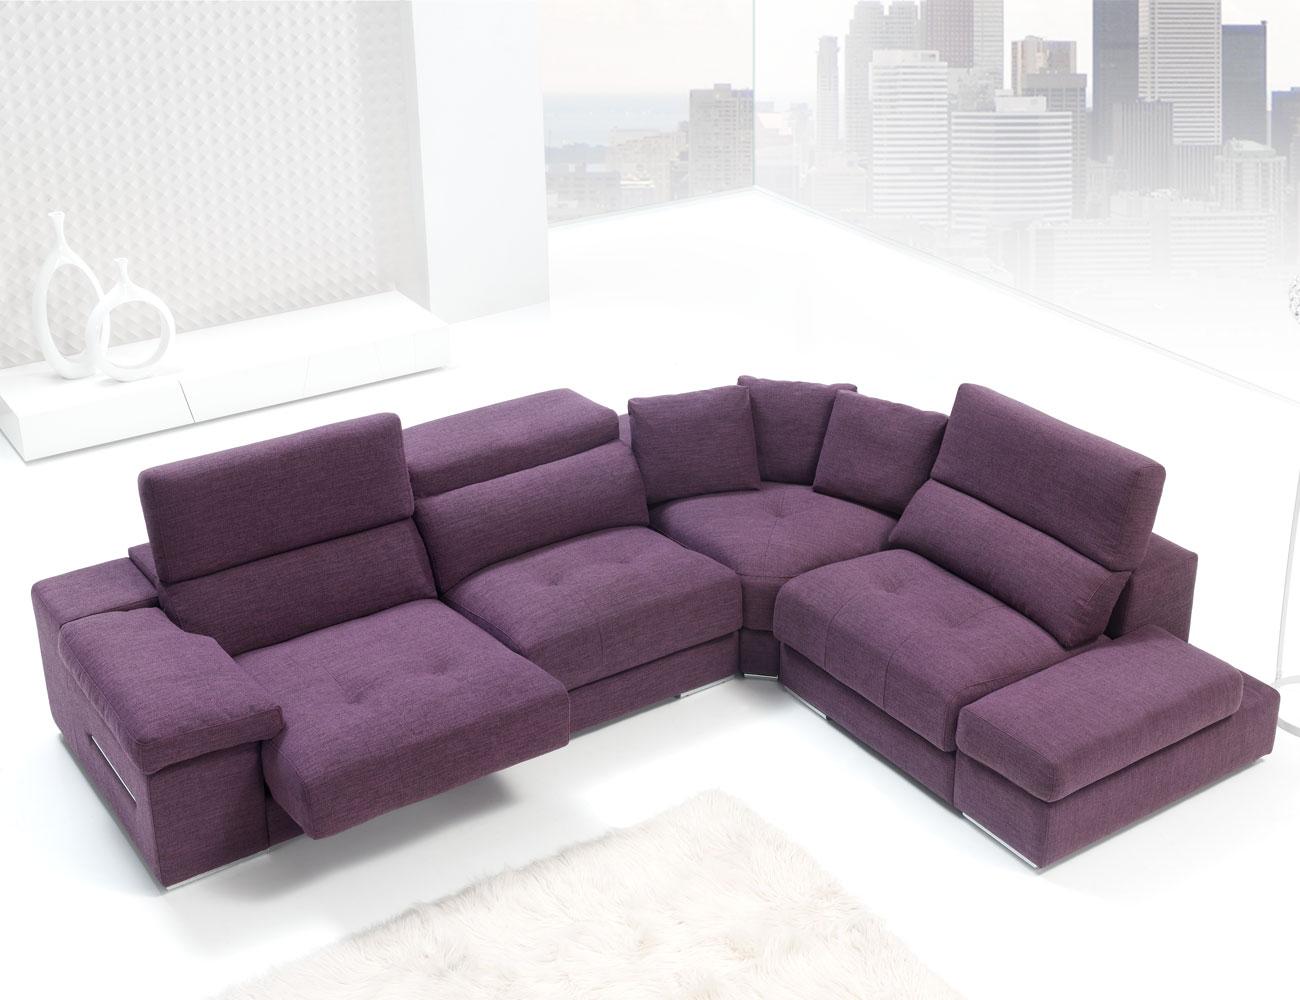 Sofa chaiselongue rincon con brazo mecanico tejido anti manchas 212